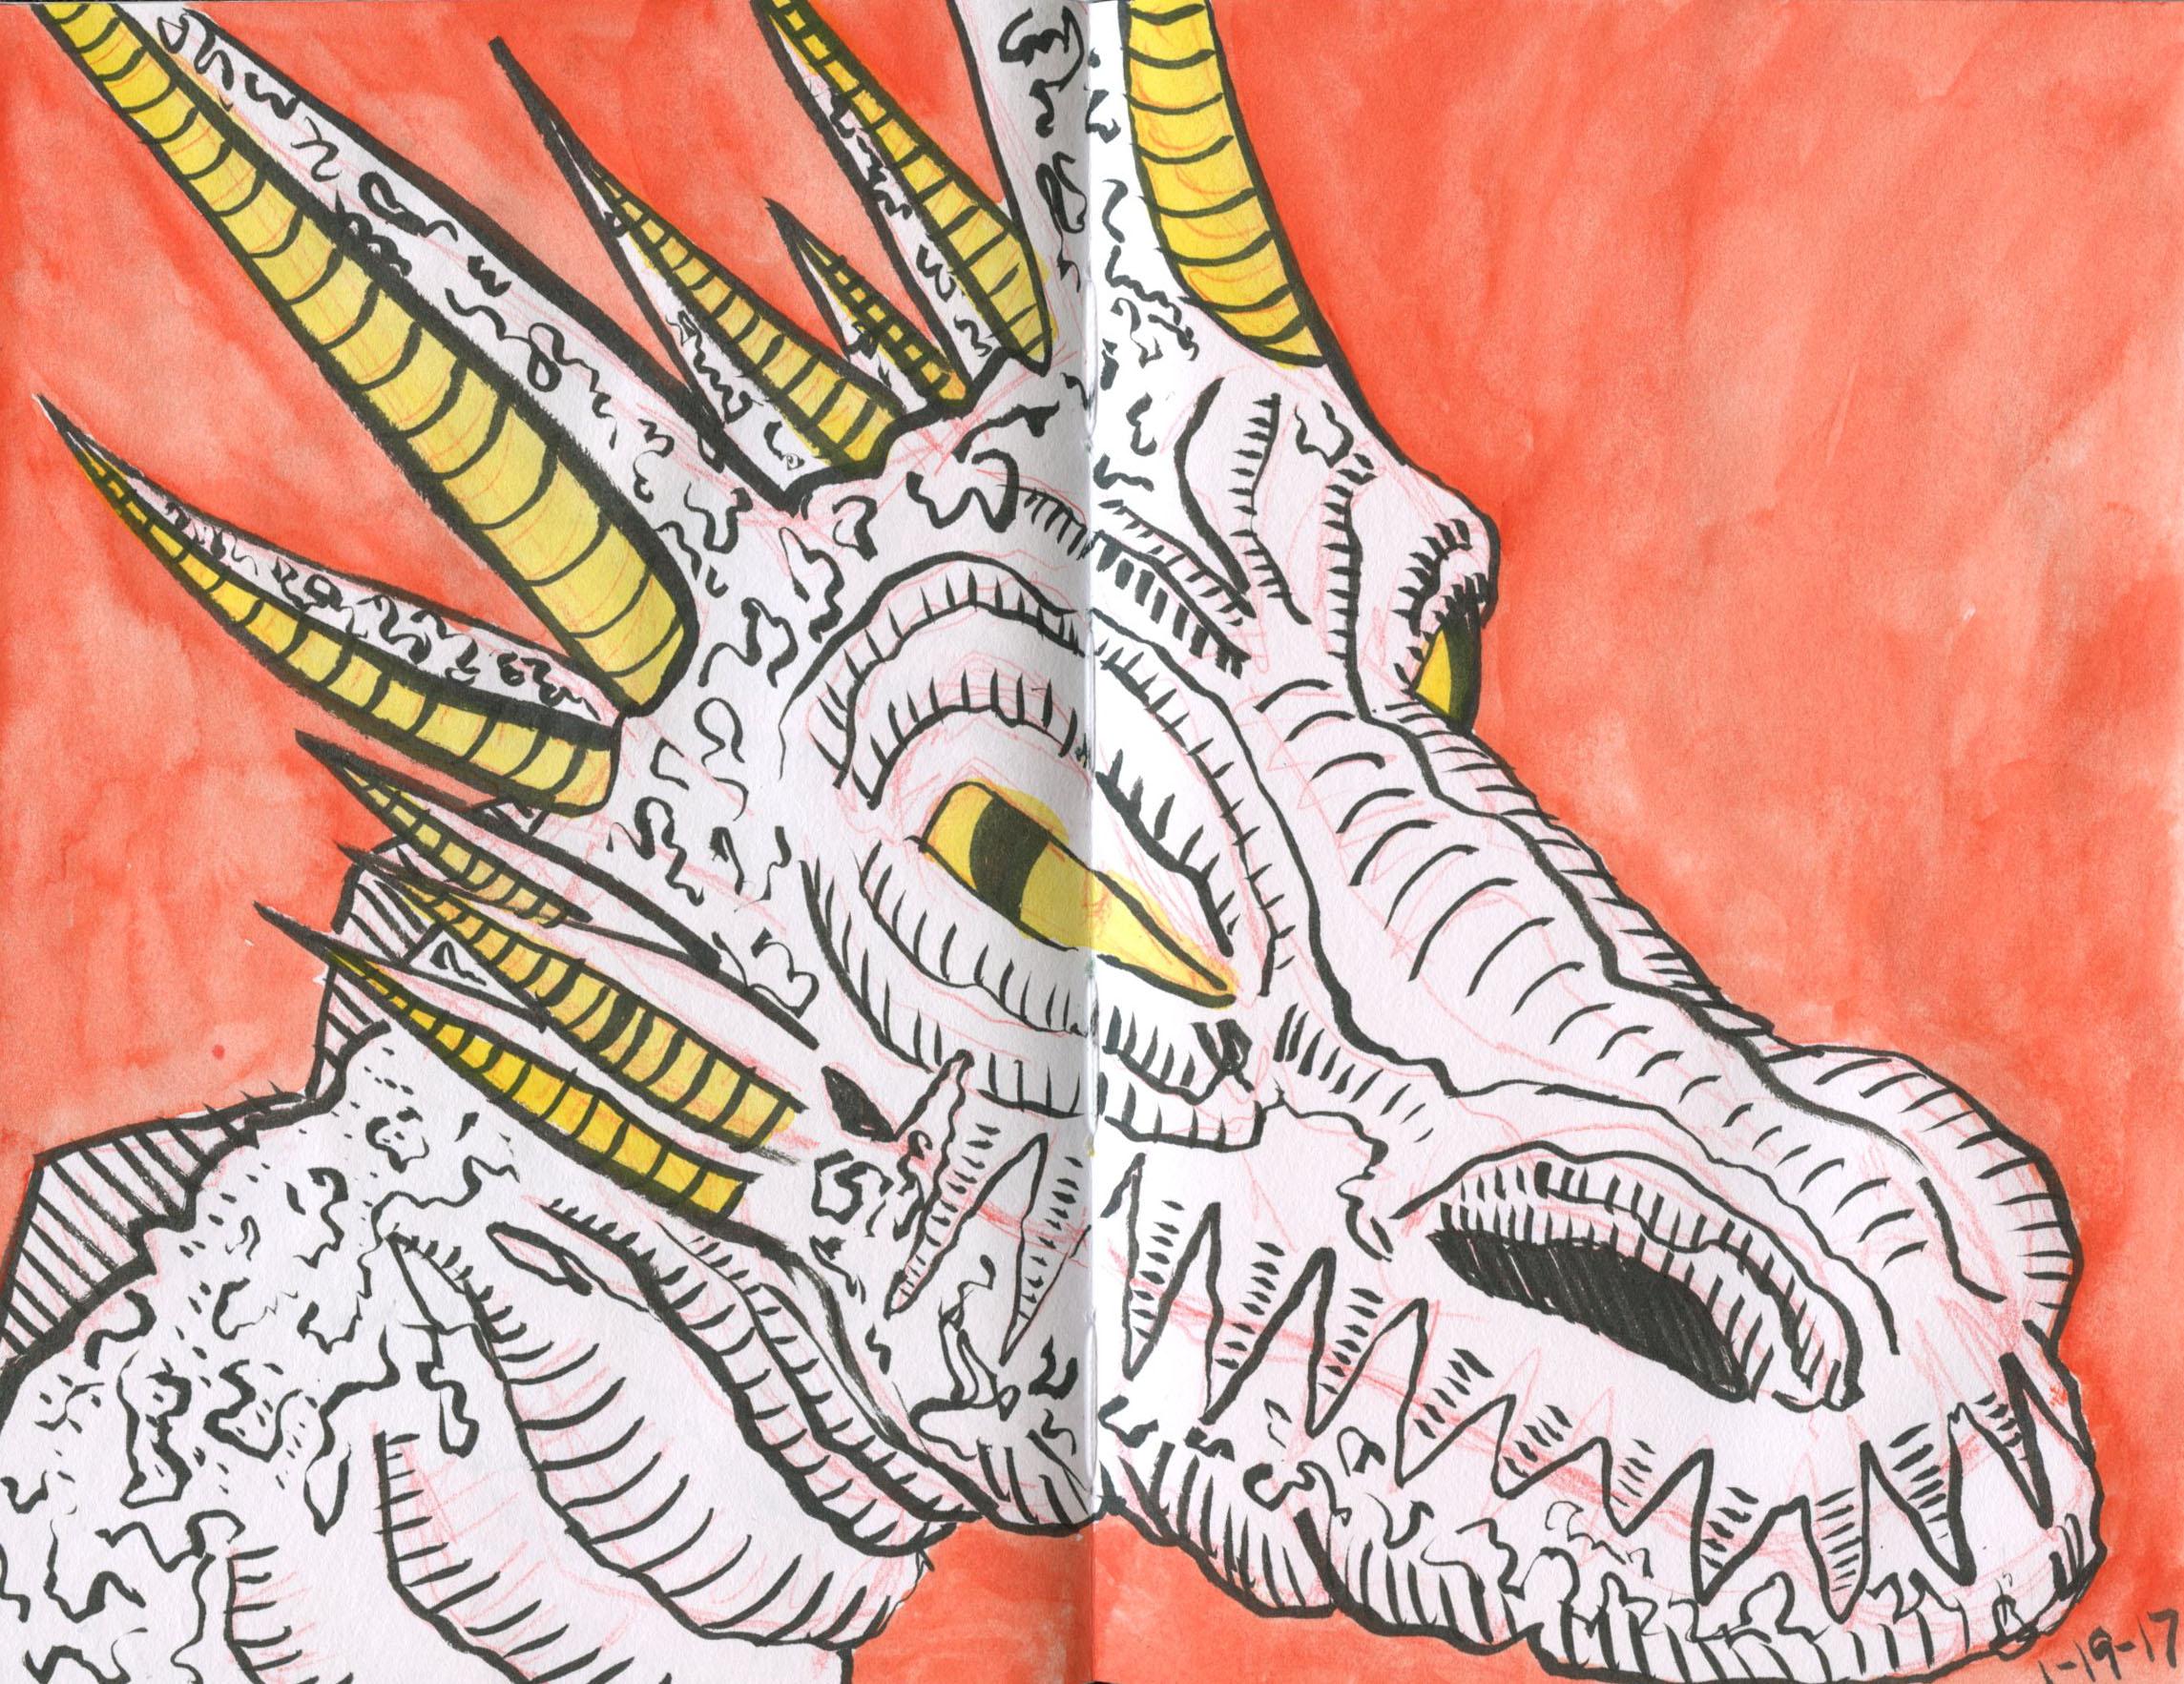 dragon_1-19-17.jpg